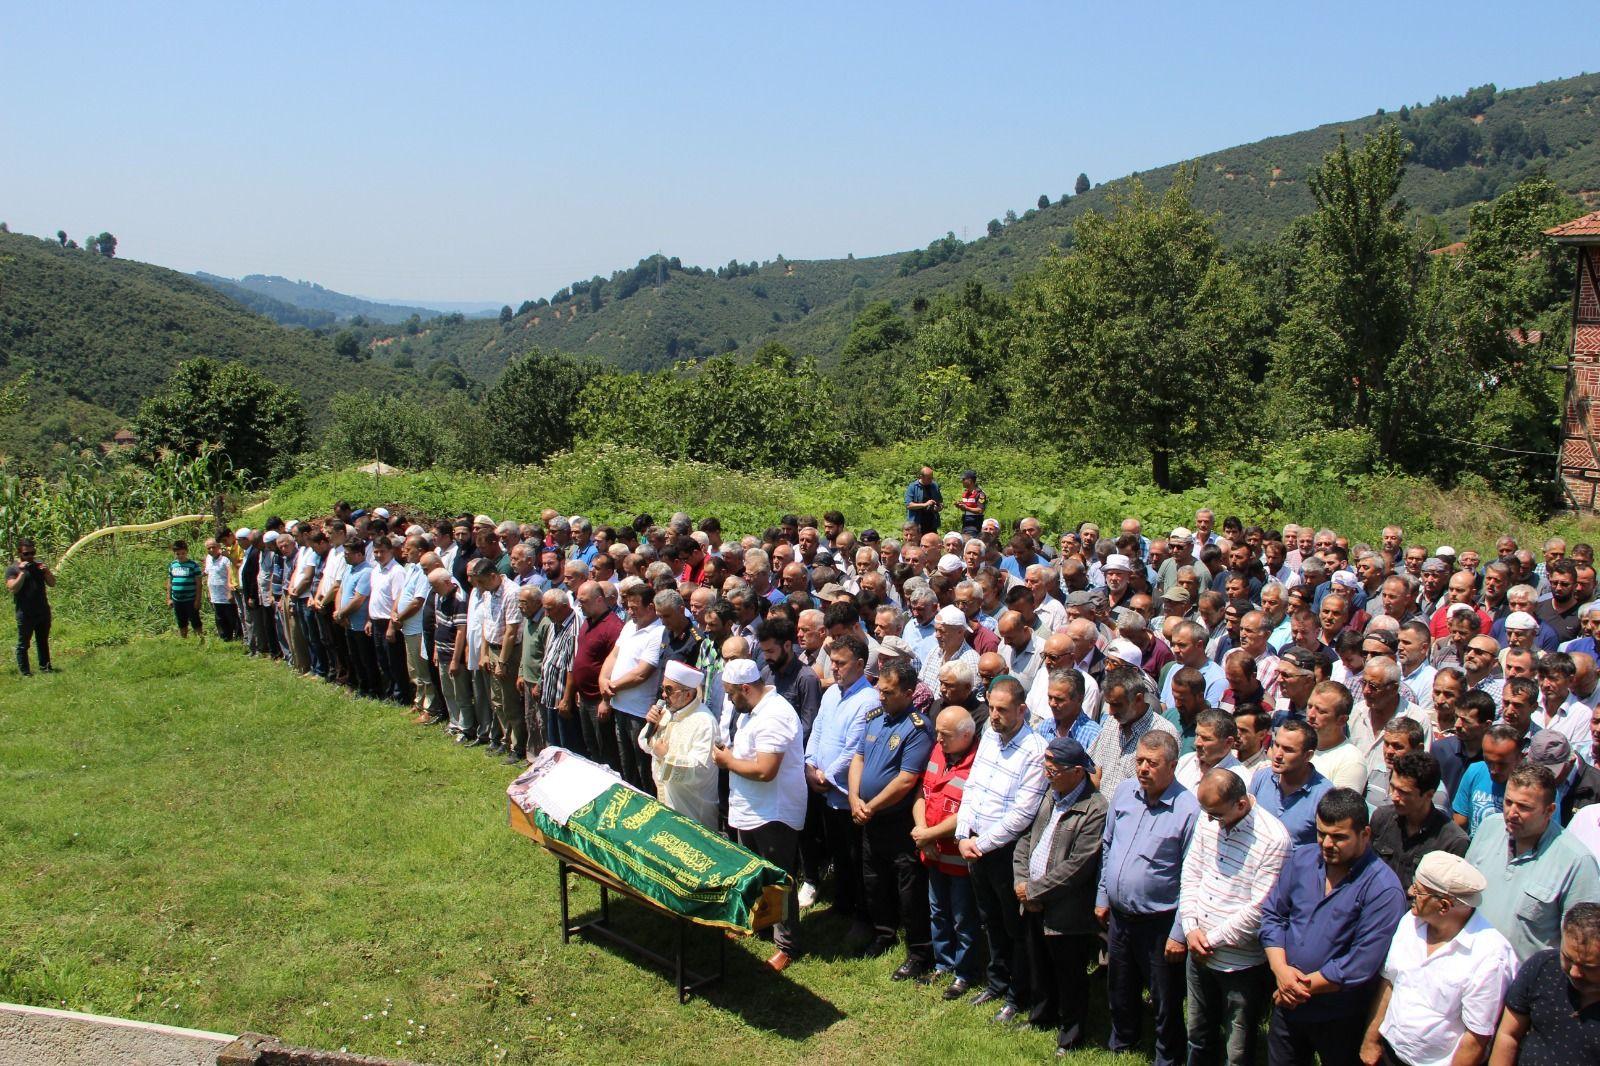 Başkan Yavuz Selde Hayatını Kaybeden Vatandaşımızın Cenaze Törenine Katıldı